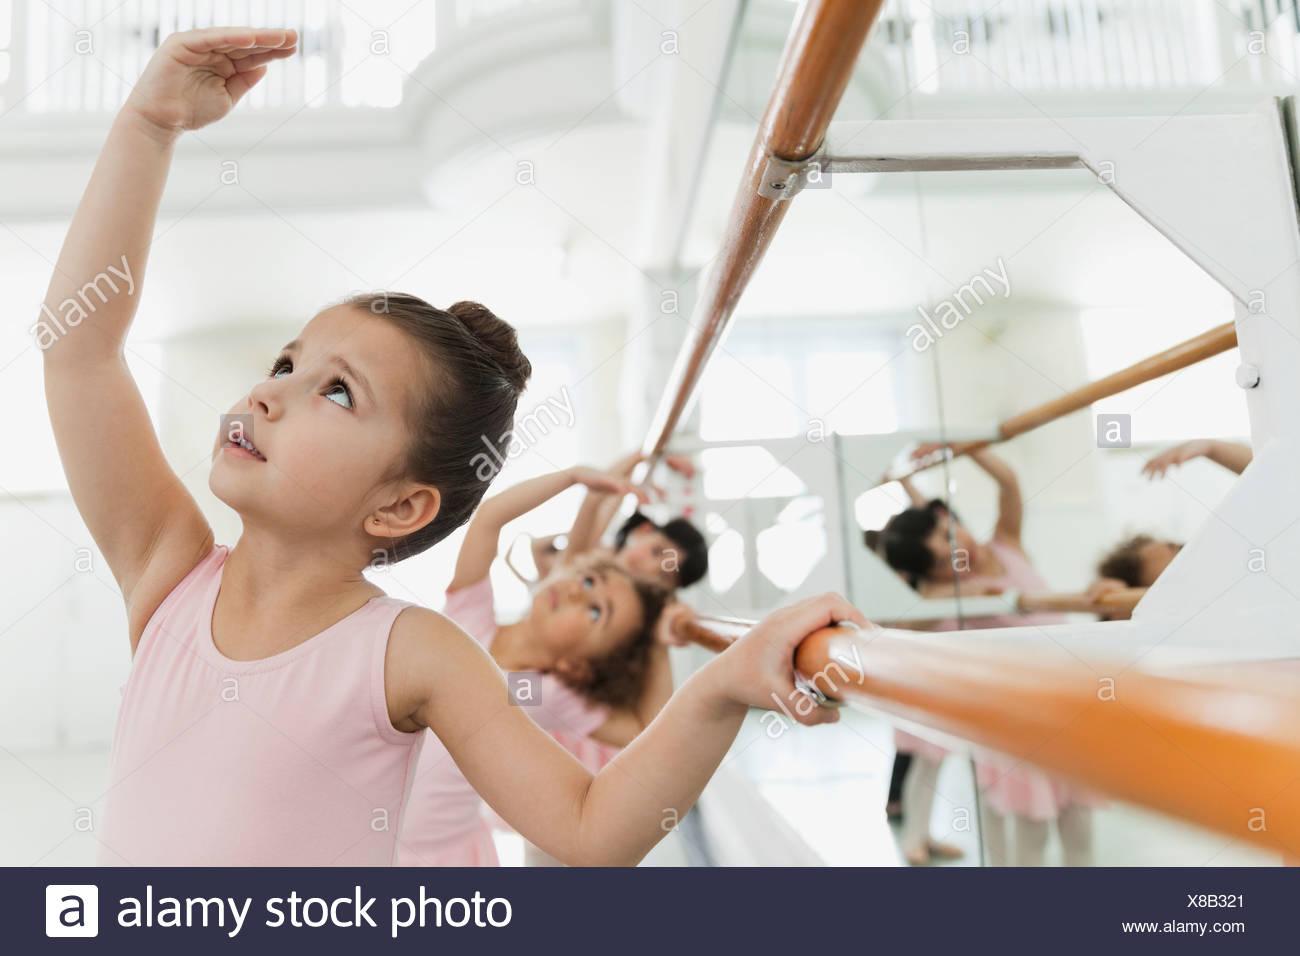 Children practicing ballet poses in ballet studio - Stock Image